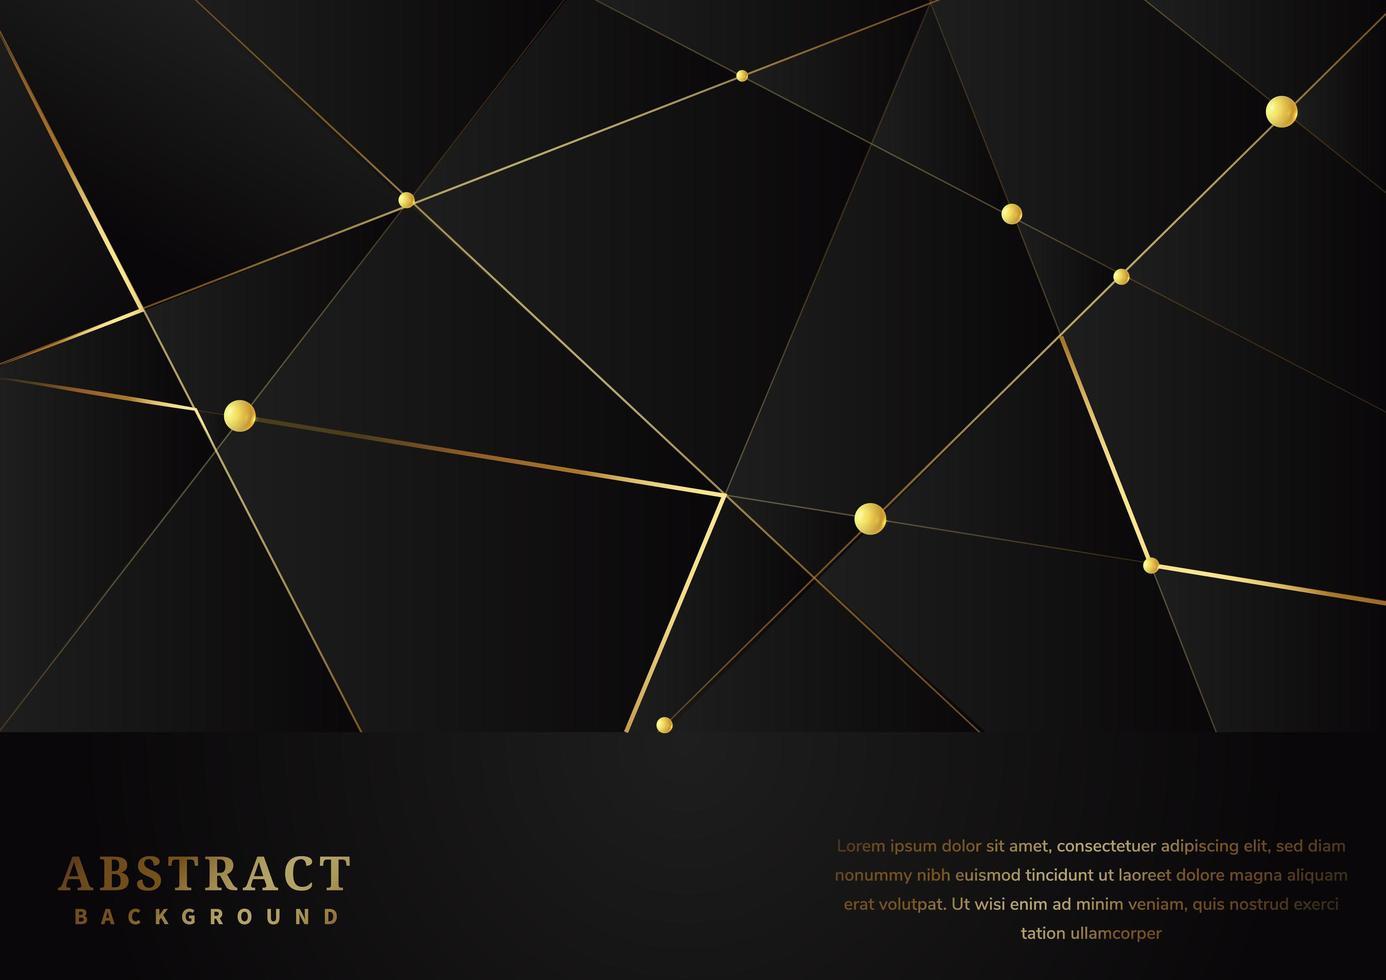 modello astratto triangoli con linee d & # 39; oro su sfondo nero vettore